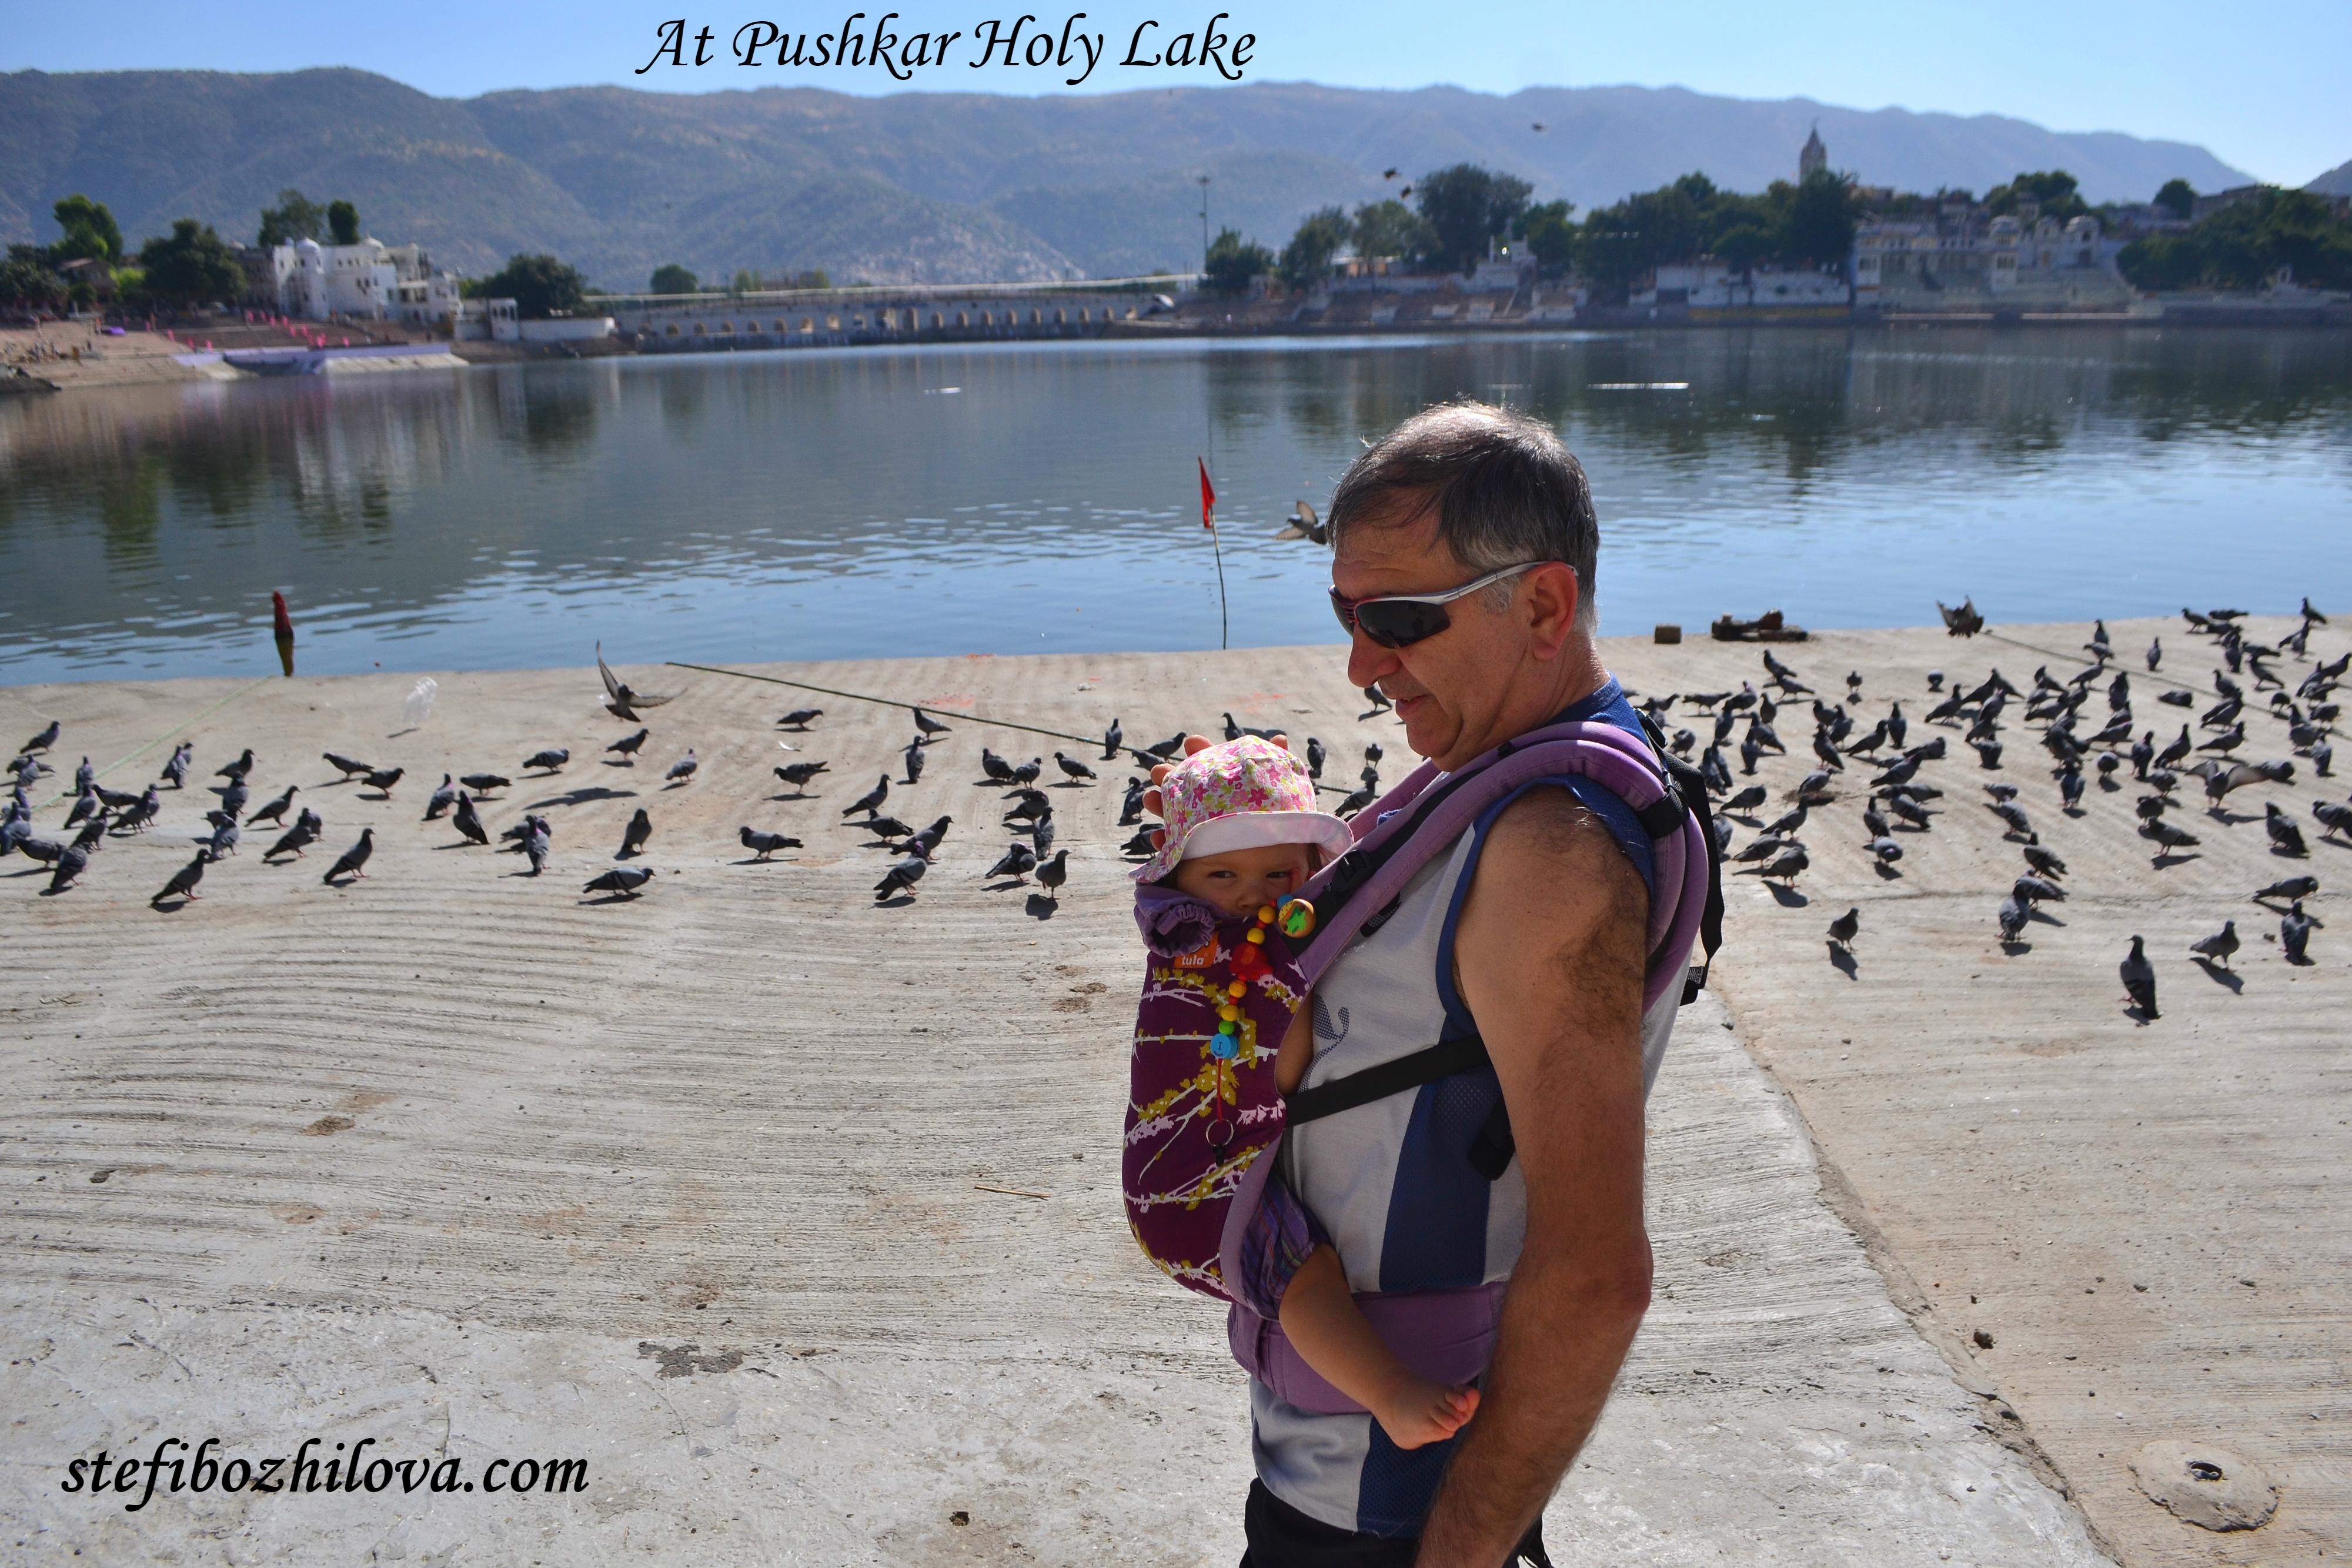 Пред свещеното езеро в Пушкар. Пушкар е много любимо мое място с изключително мека и блага енергия :-)